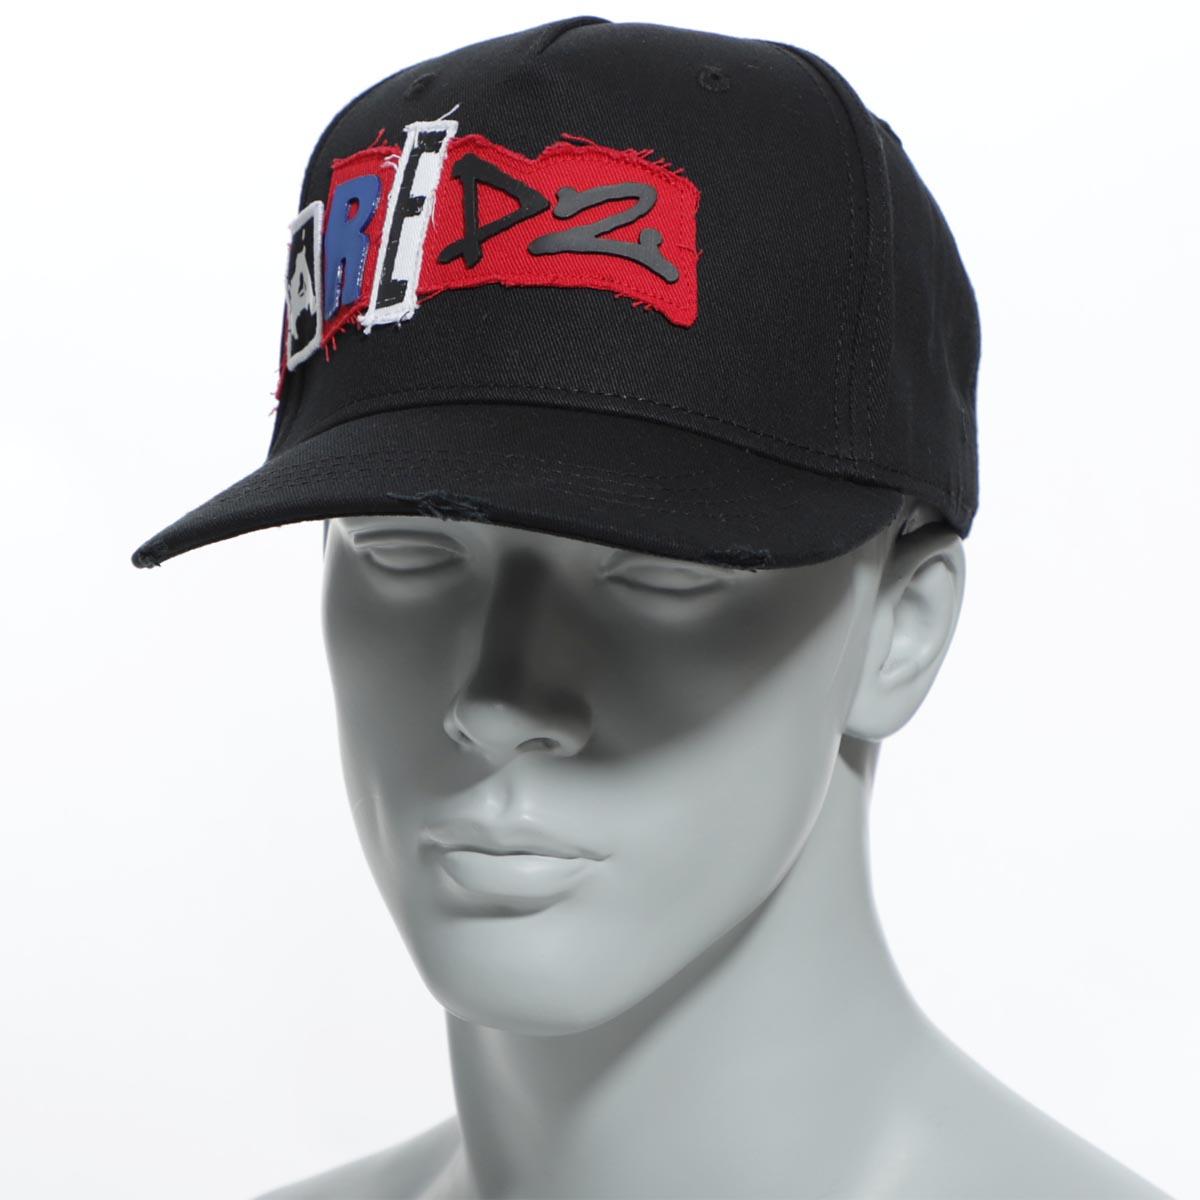 ディースクエアード DSQUARED2 ベースボールキャップ ブラック メンズ 帽子 スポーツ 野球 カジュアル bcm0172 05c00001 2124 PATCH CARGO BASEBALL CAPS【返品送料無料】【ラッピング無料】